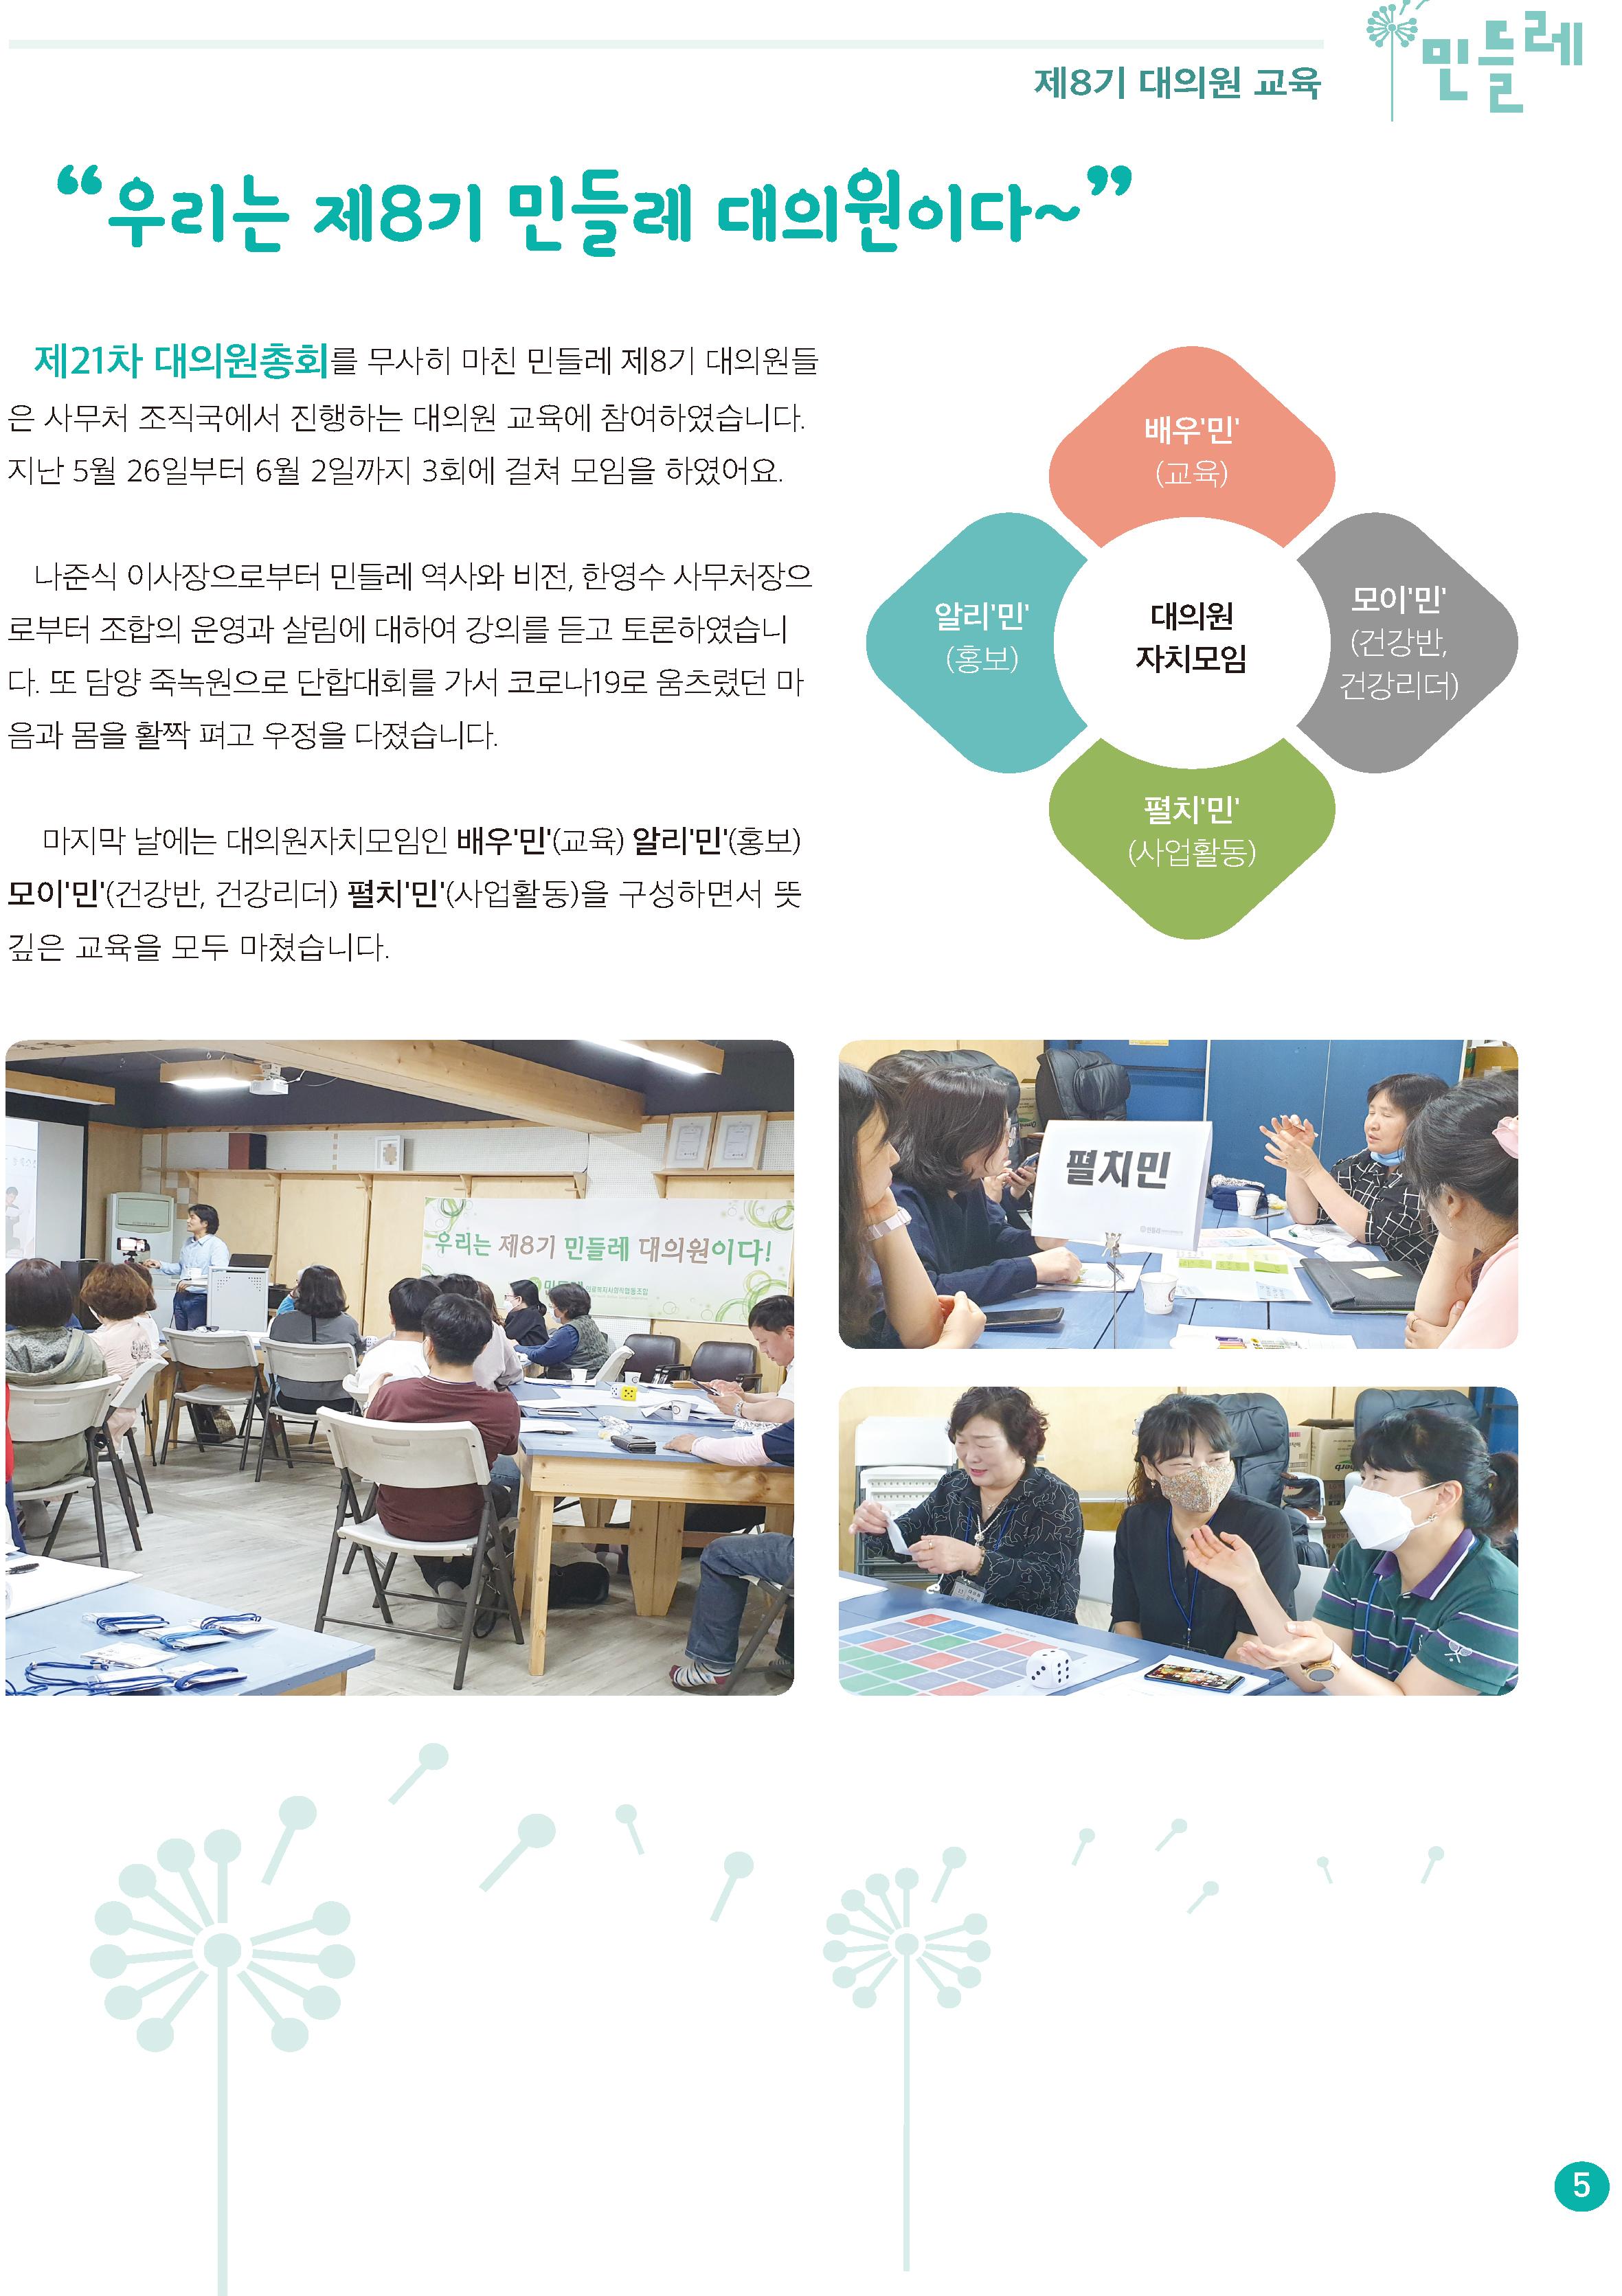 민들레 소식지8월호 시안(최종)-5.jpg